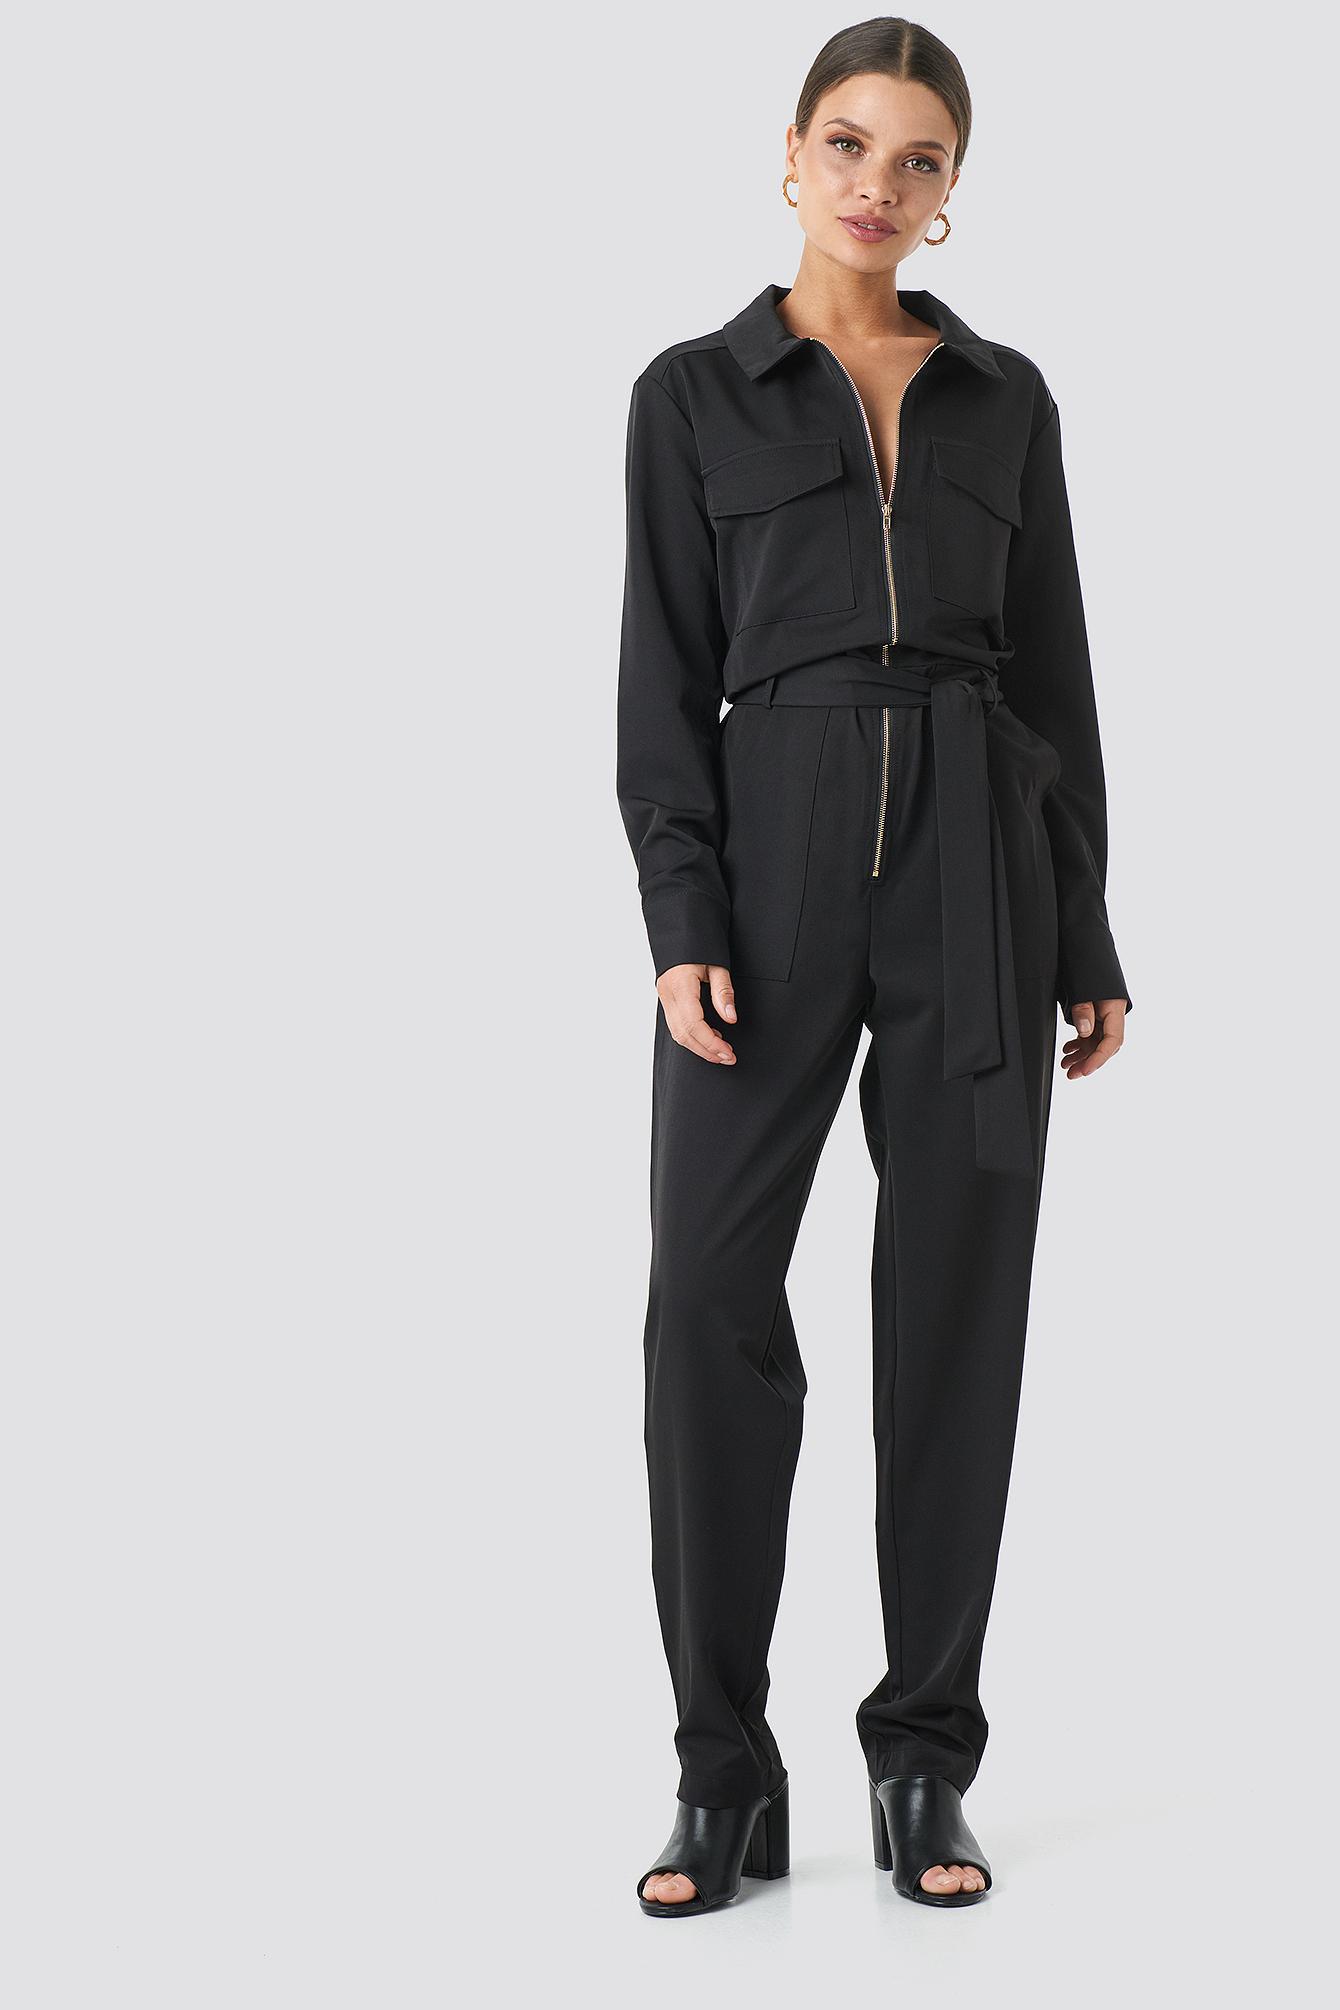 Sisters Point Emmi Jumpsuit - Black | Bekleidung > Homewear | Sisters Point